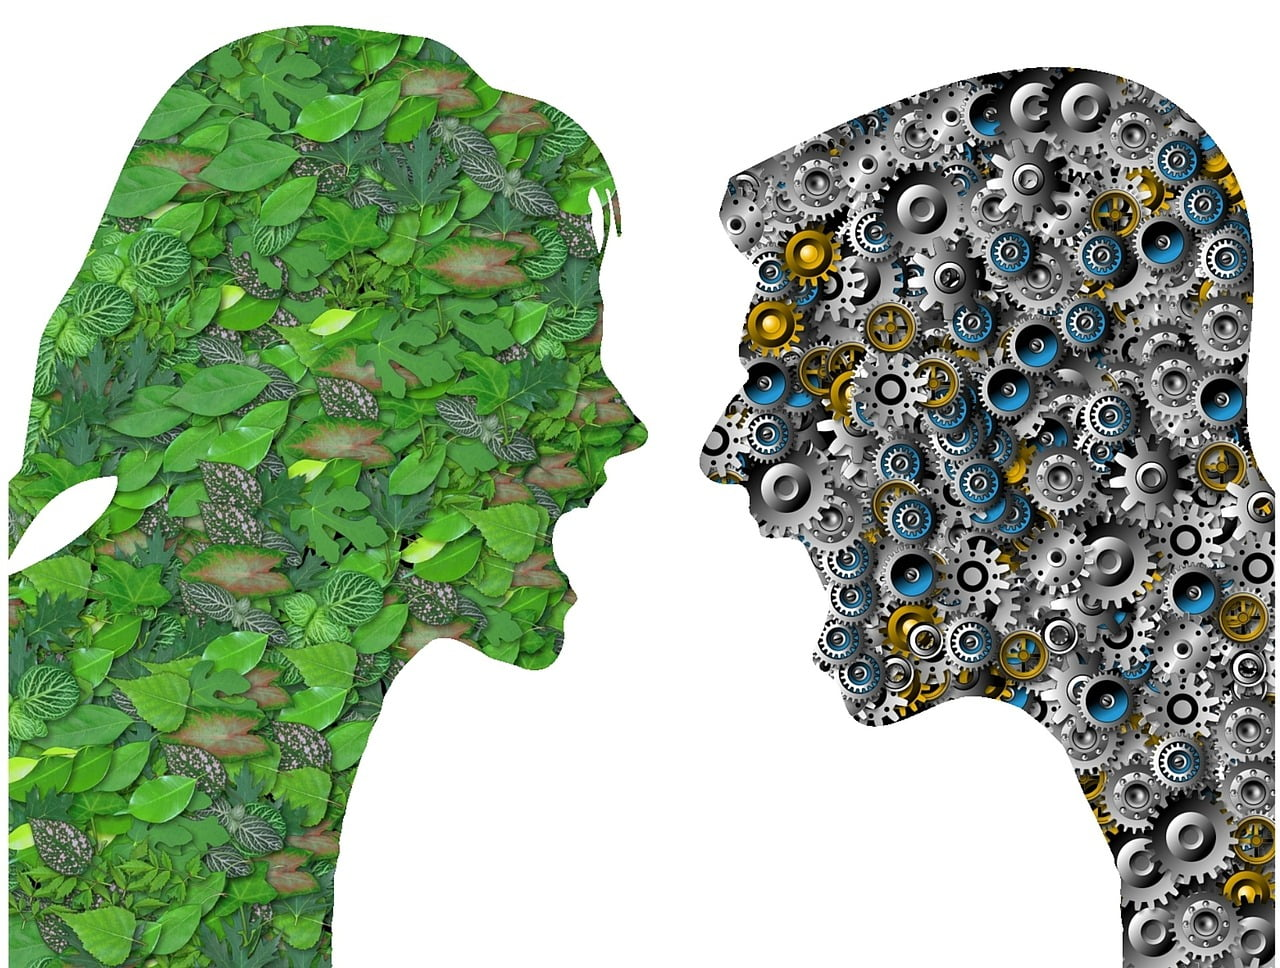 Învață cum să te cerți constructiv și poate că data viitoare nici nu va mai exista motiv de ceartă pe aceeași temă.